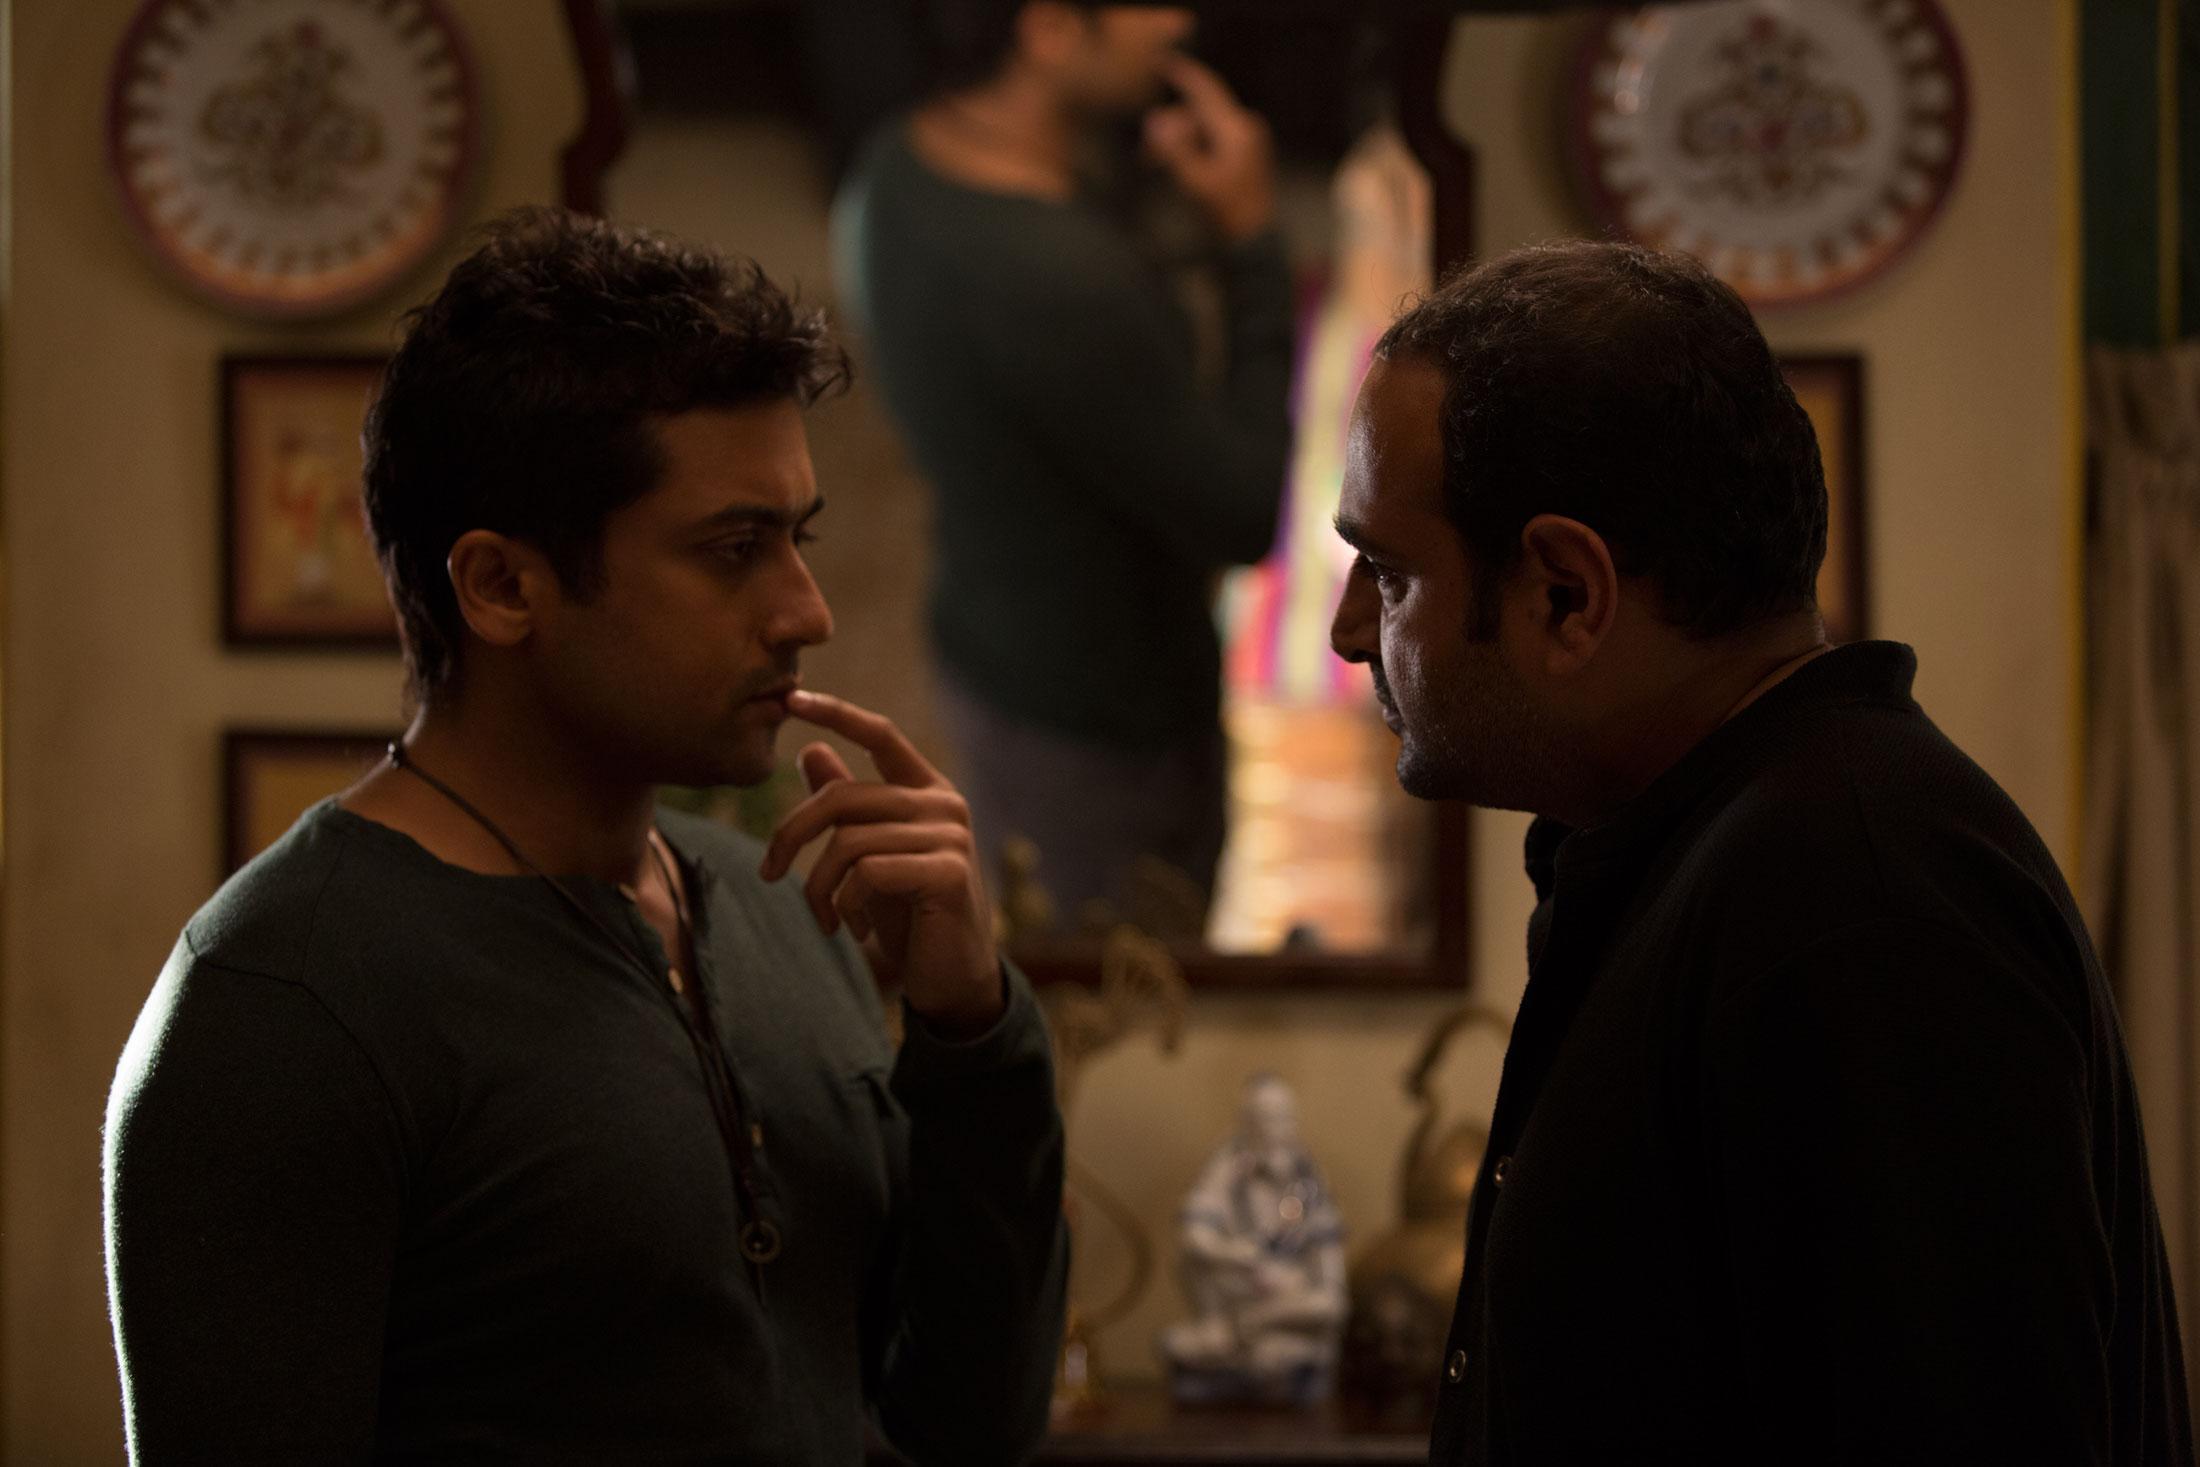 Suriya and Vikram K. Kumar in 24 (2016)